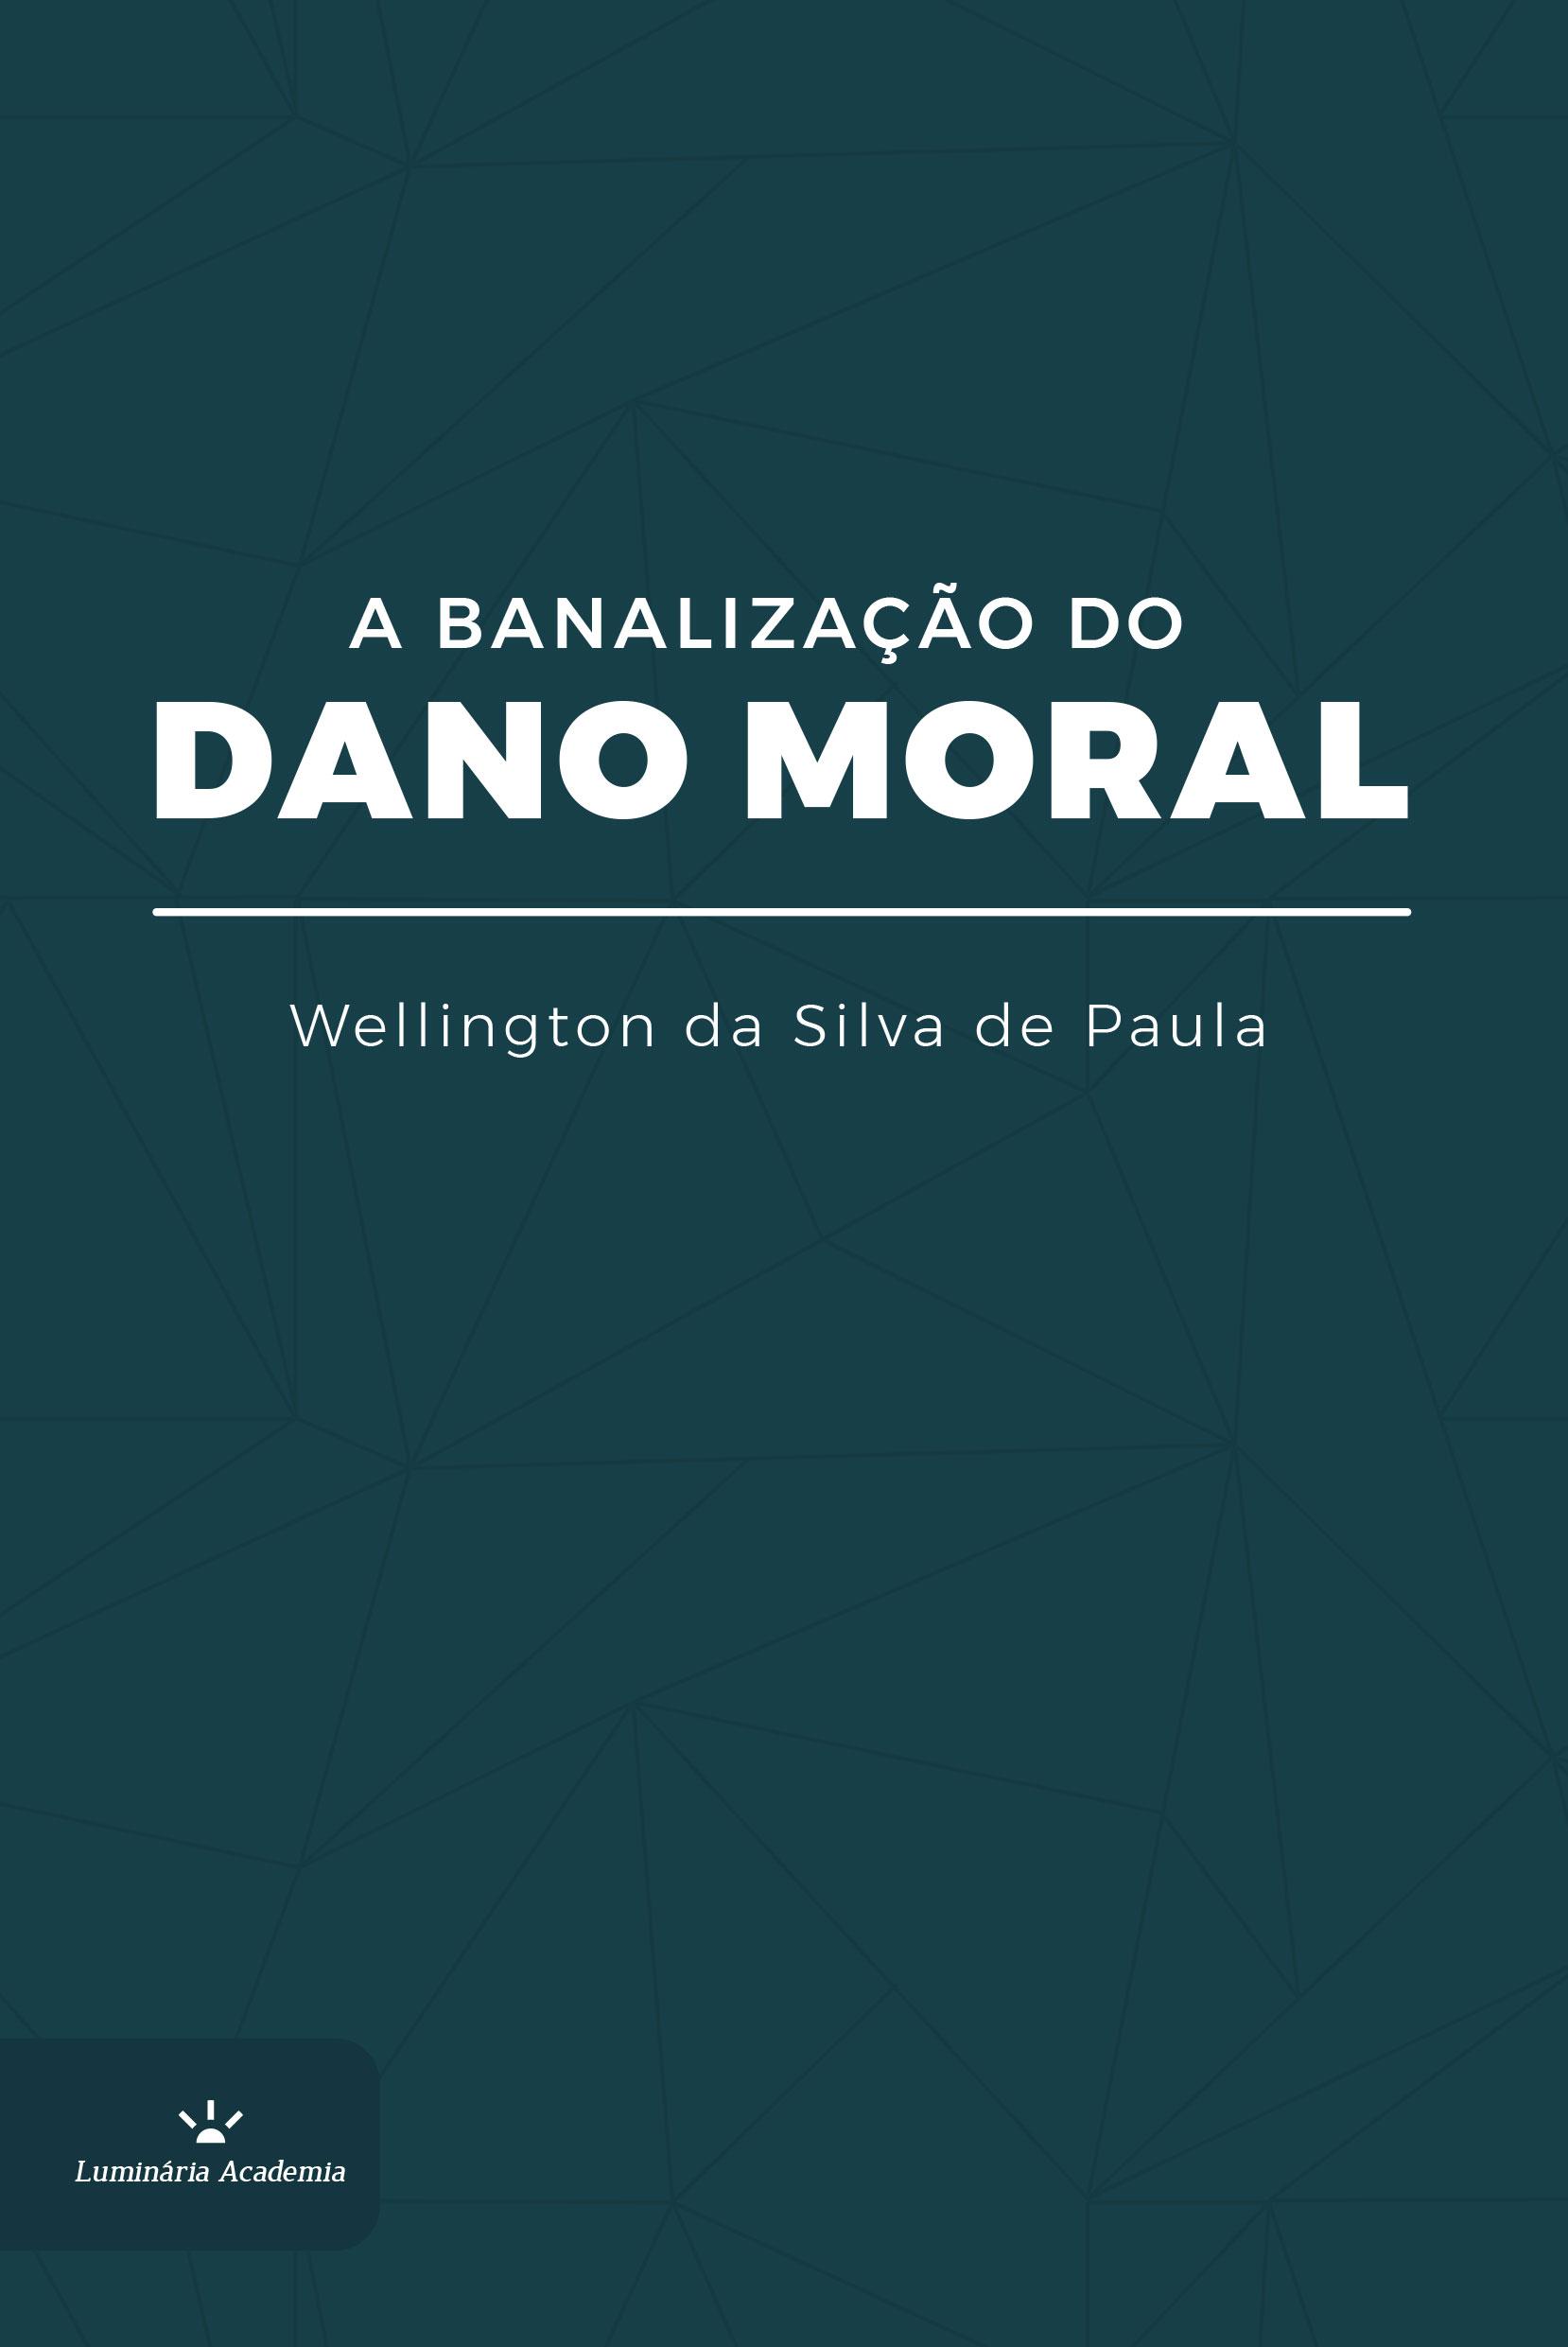 A BANALIZAÇÃO DO DANO MORAL